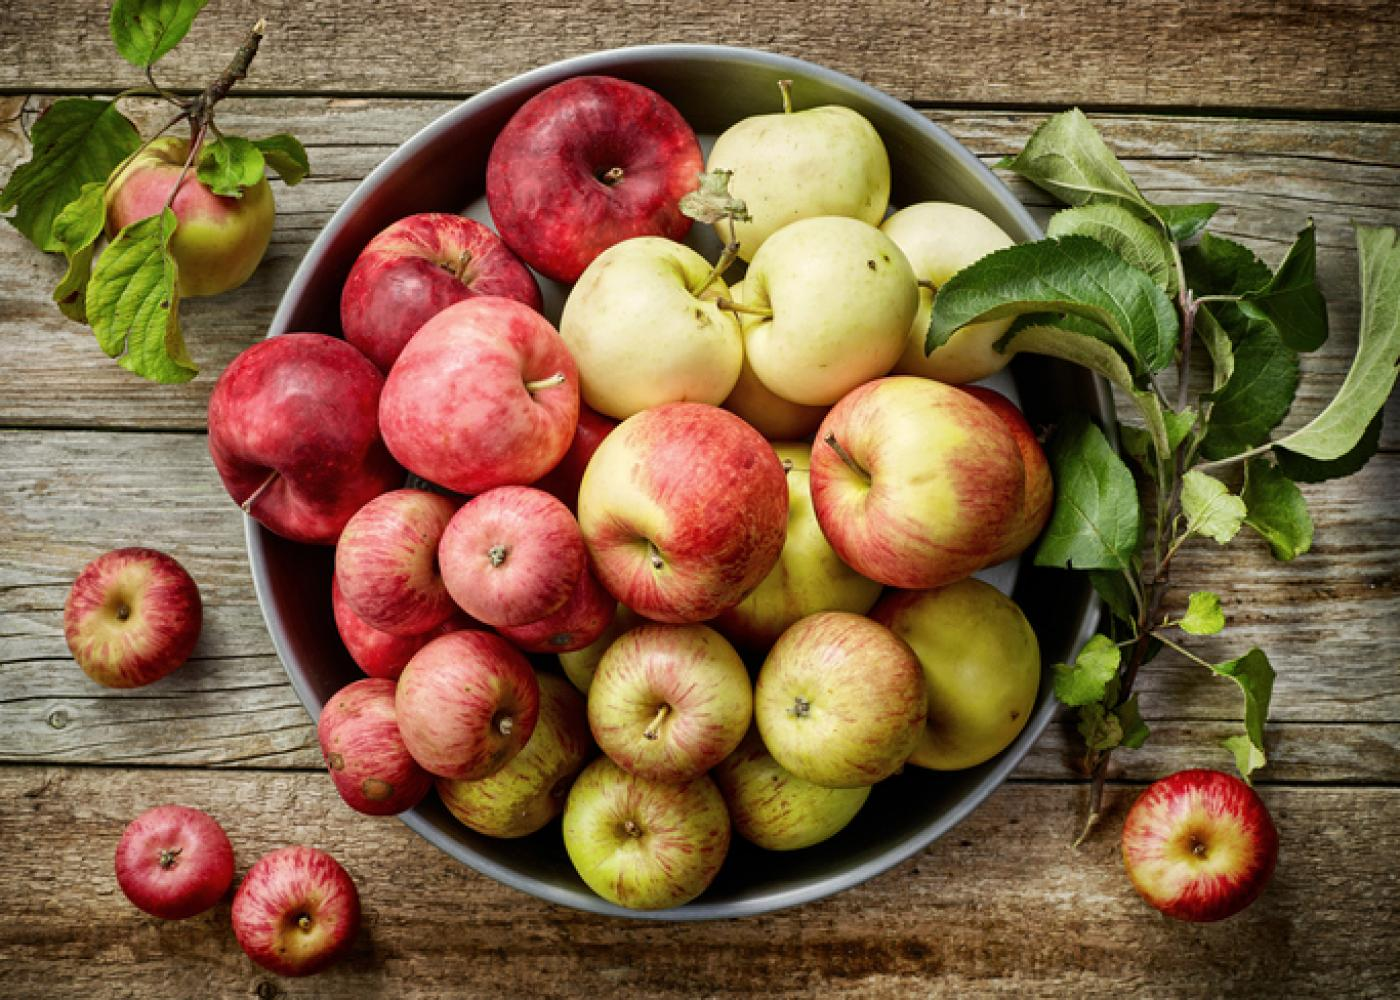 Διατροφή με μήλα: Τελικά τον γιατρό τον κάνουν πέρα